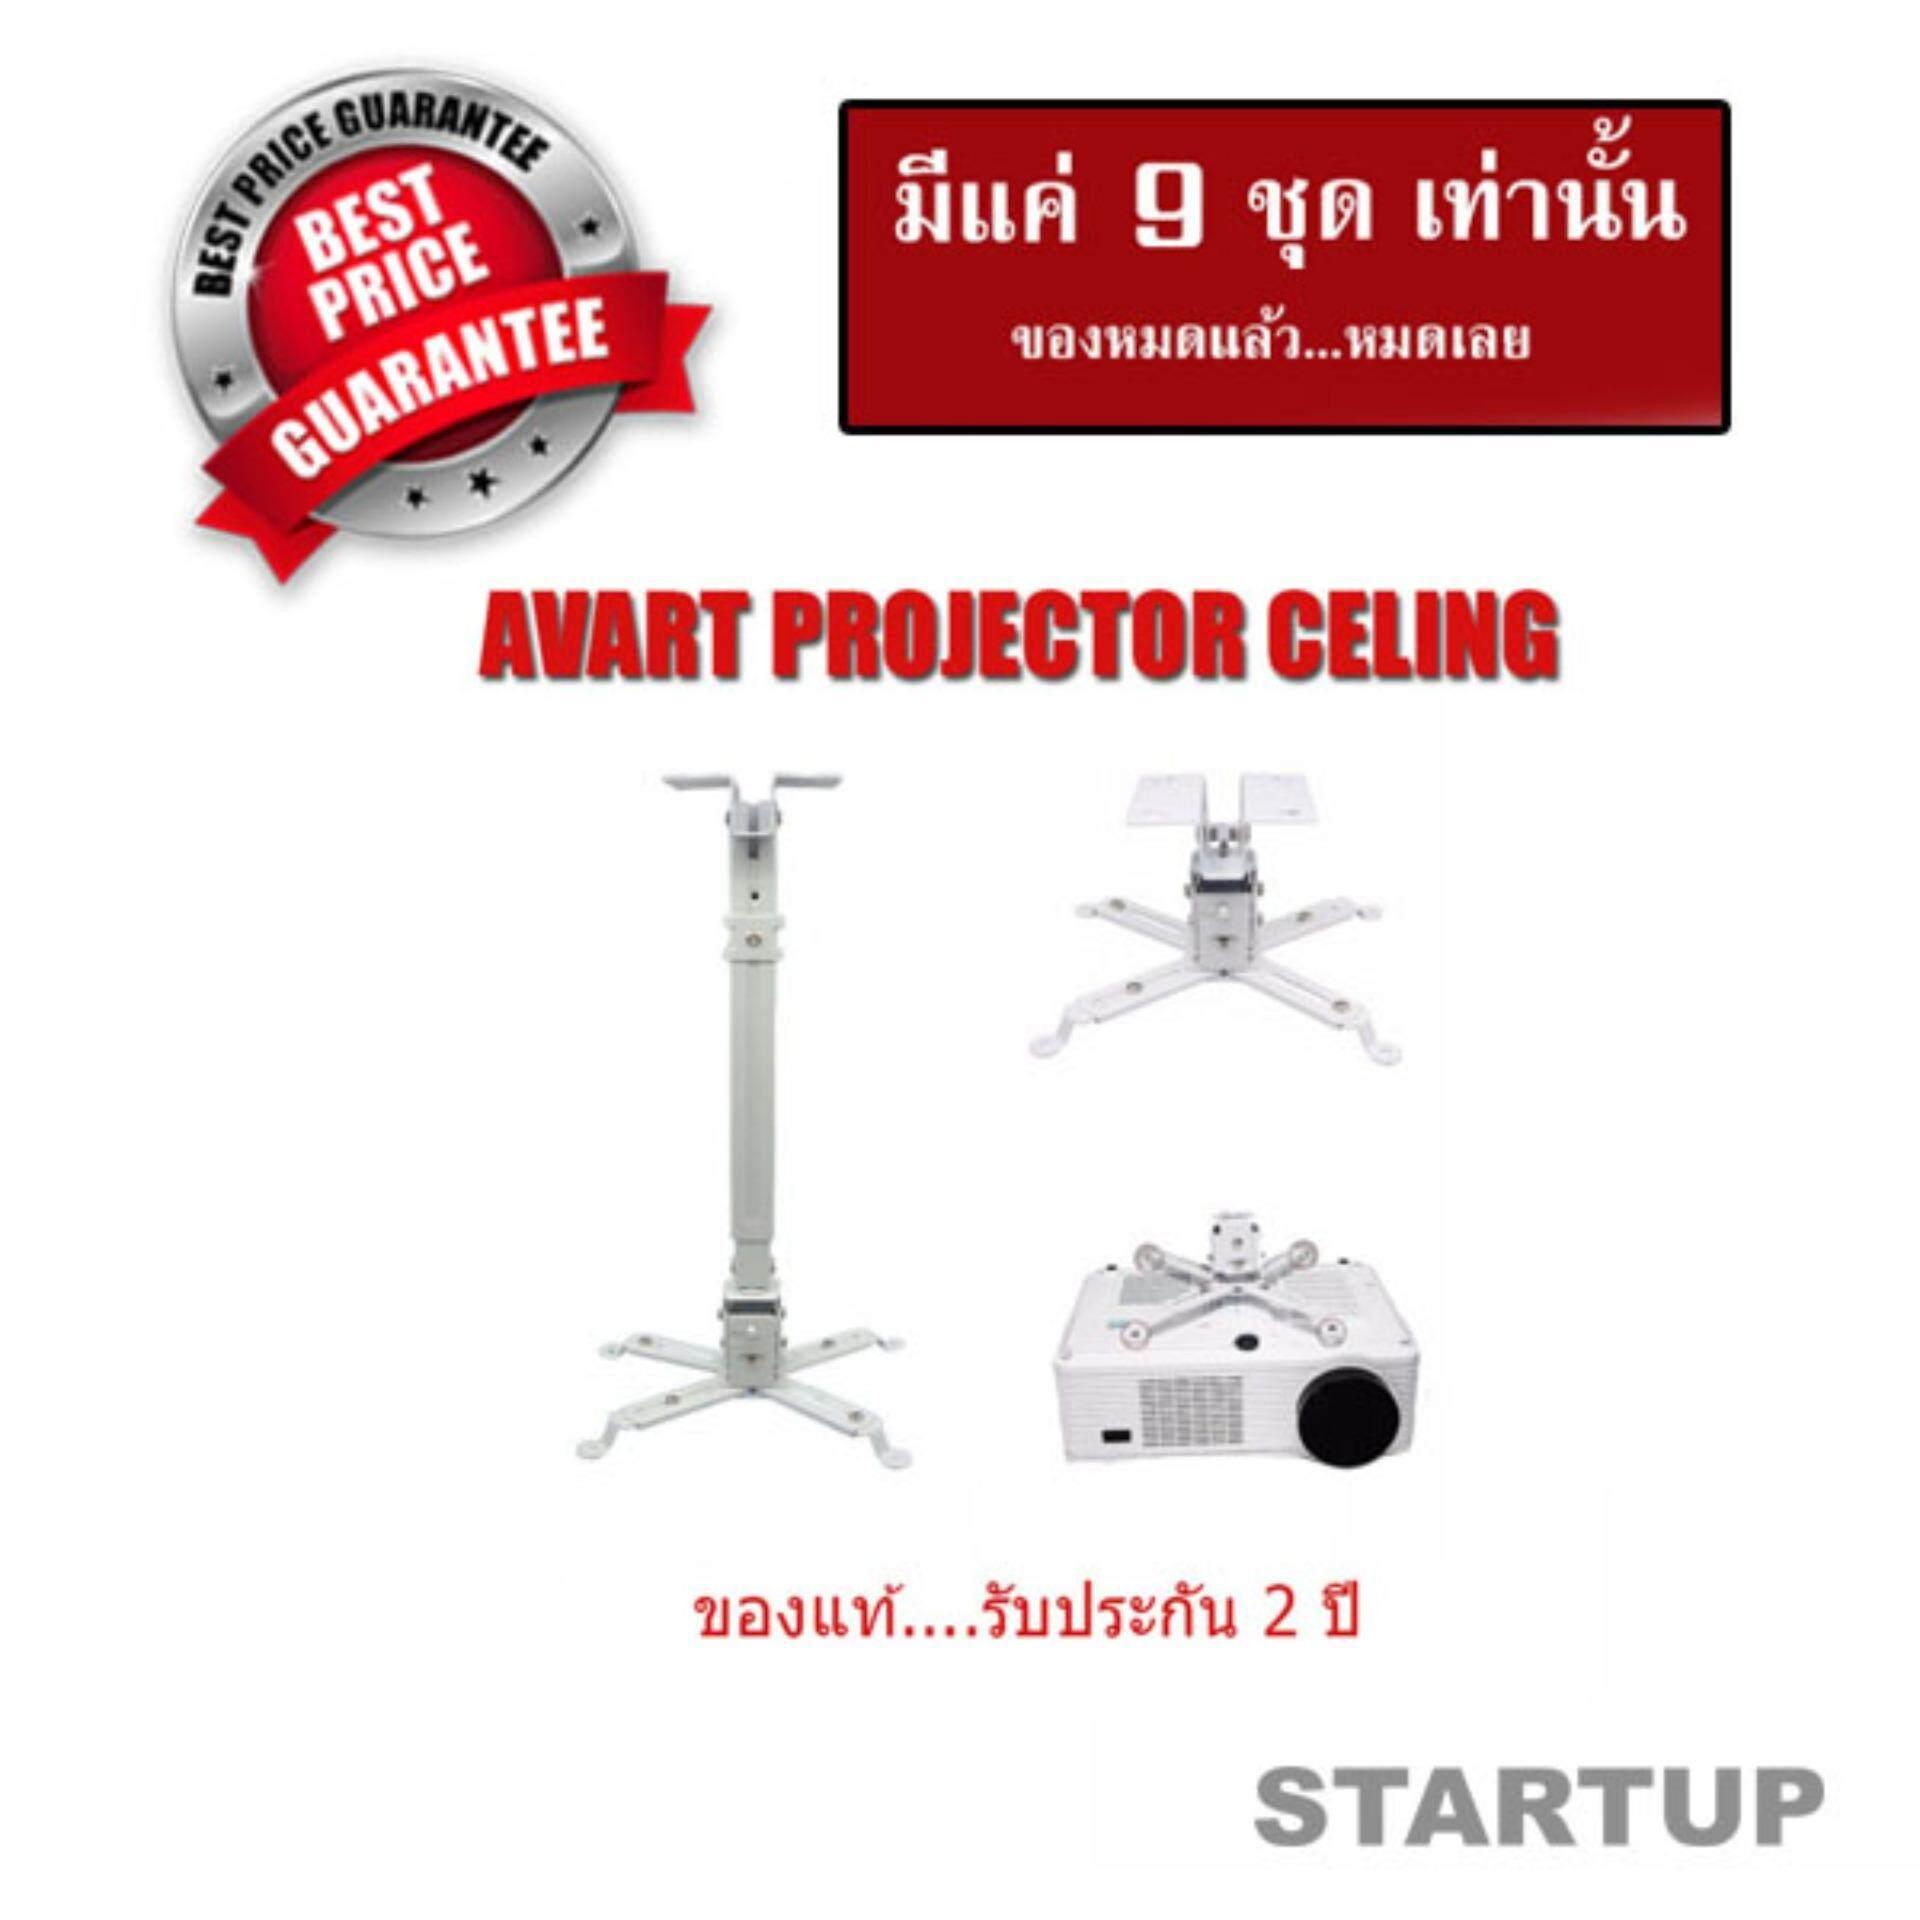 ขาแขวนโปรเจคเตอร์ ปรับได้ Avart Protector Ceiling Mount รุ่น Avart White By Startup.